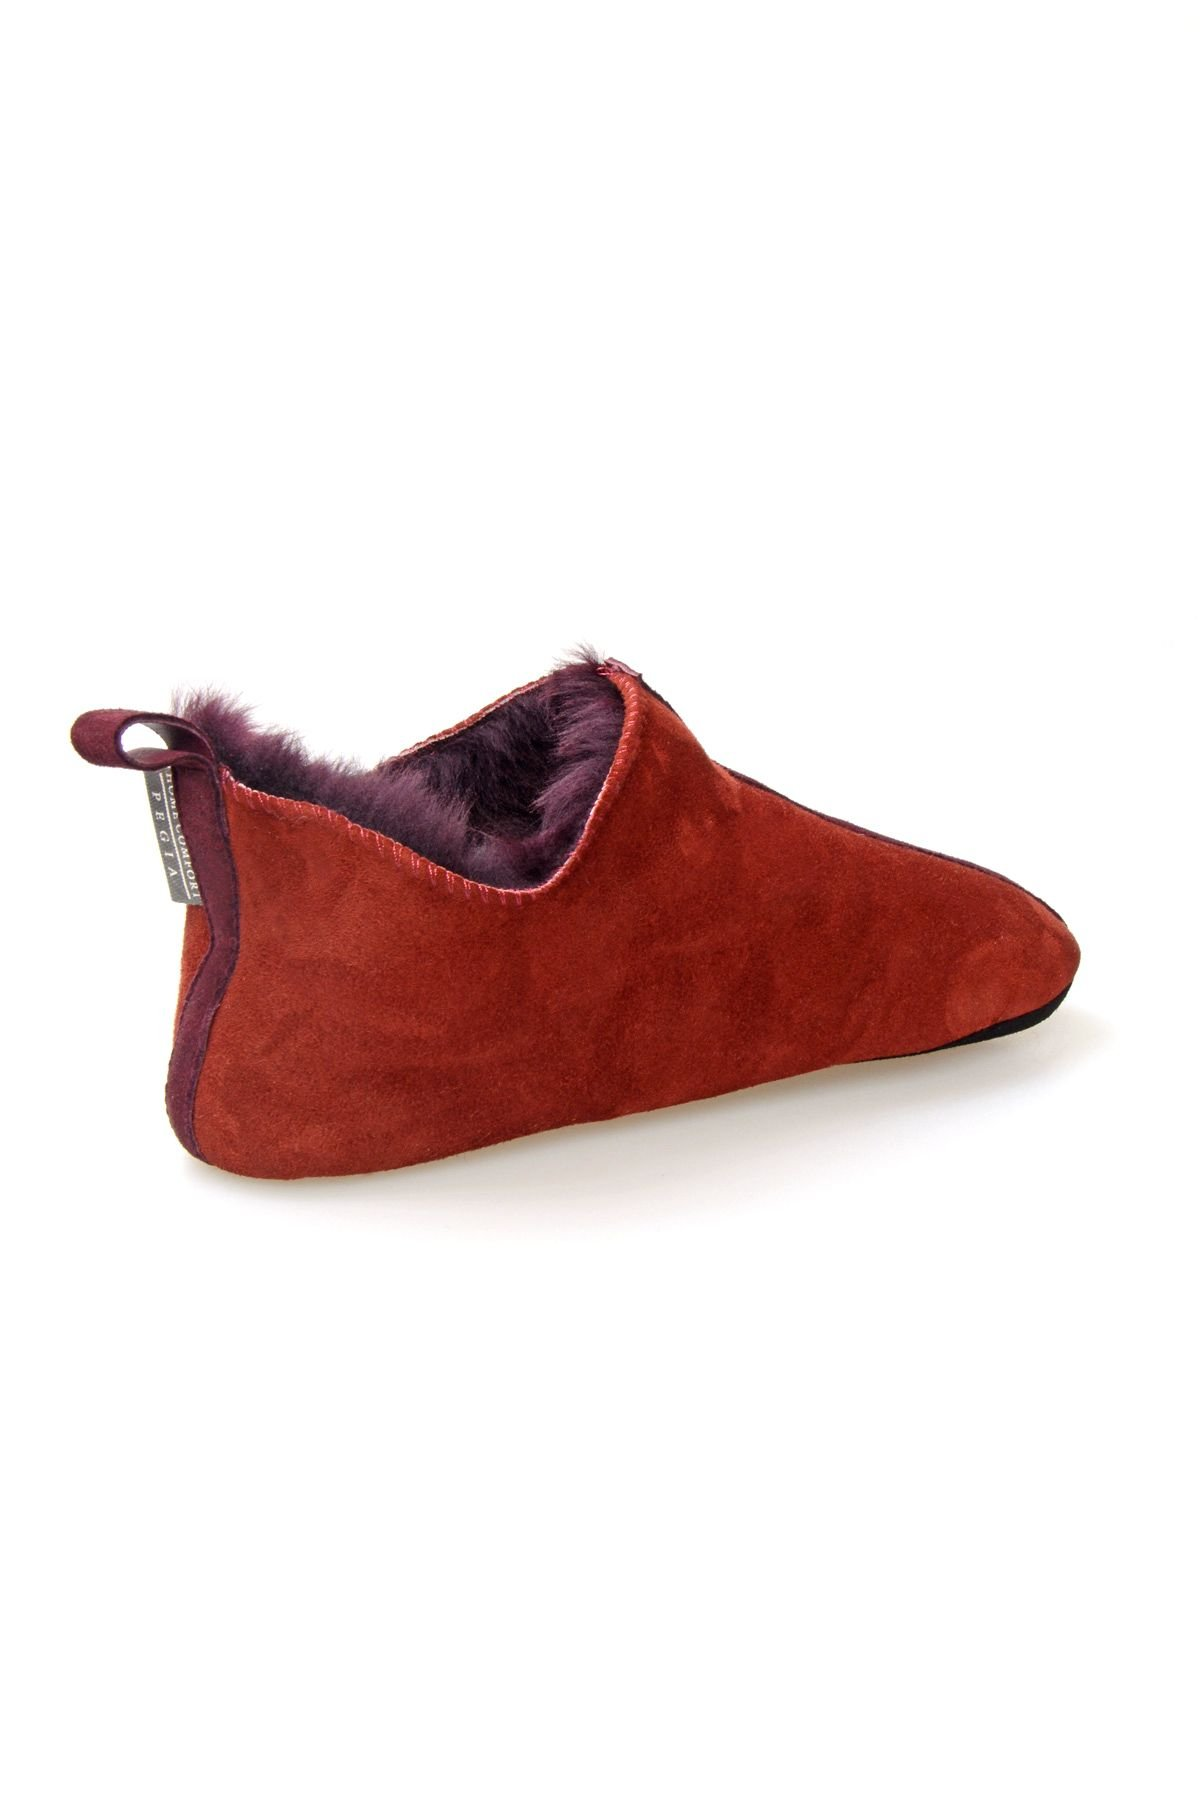 Pegia Hakiki Kürk Bayan Ev Ayakkabısı 980570 Bordo